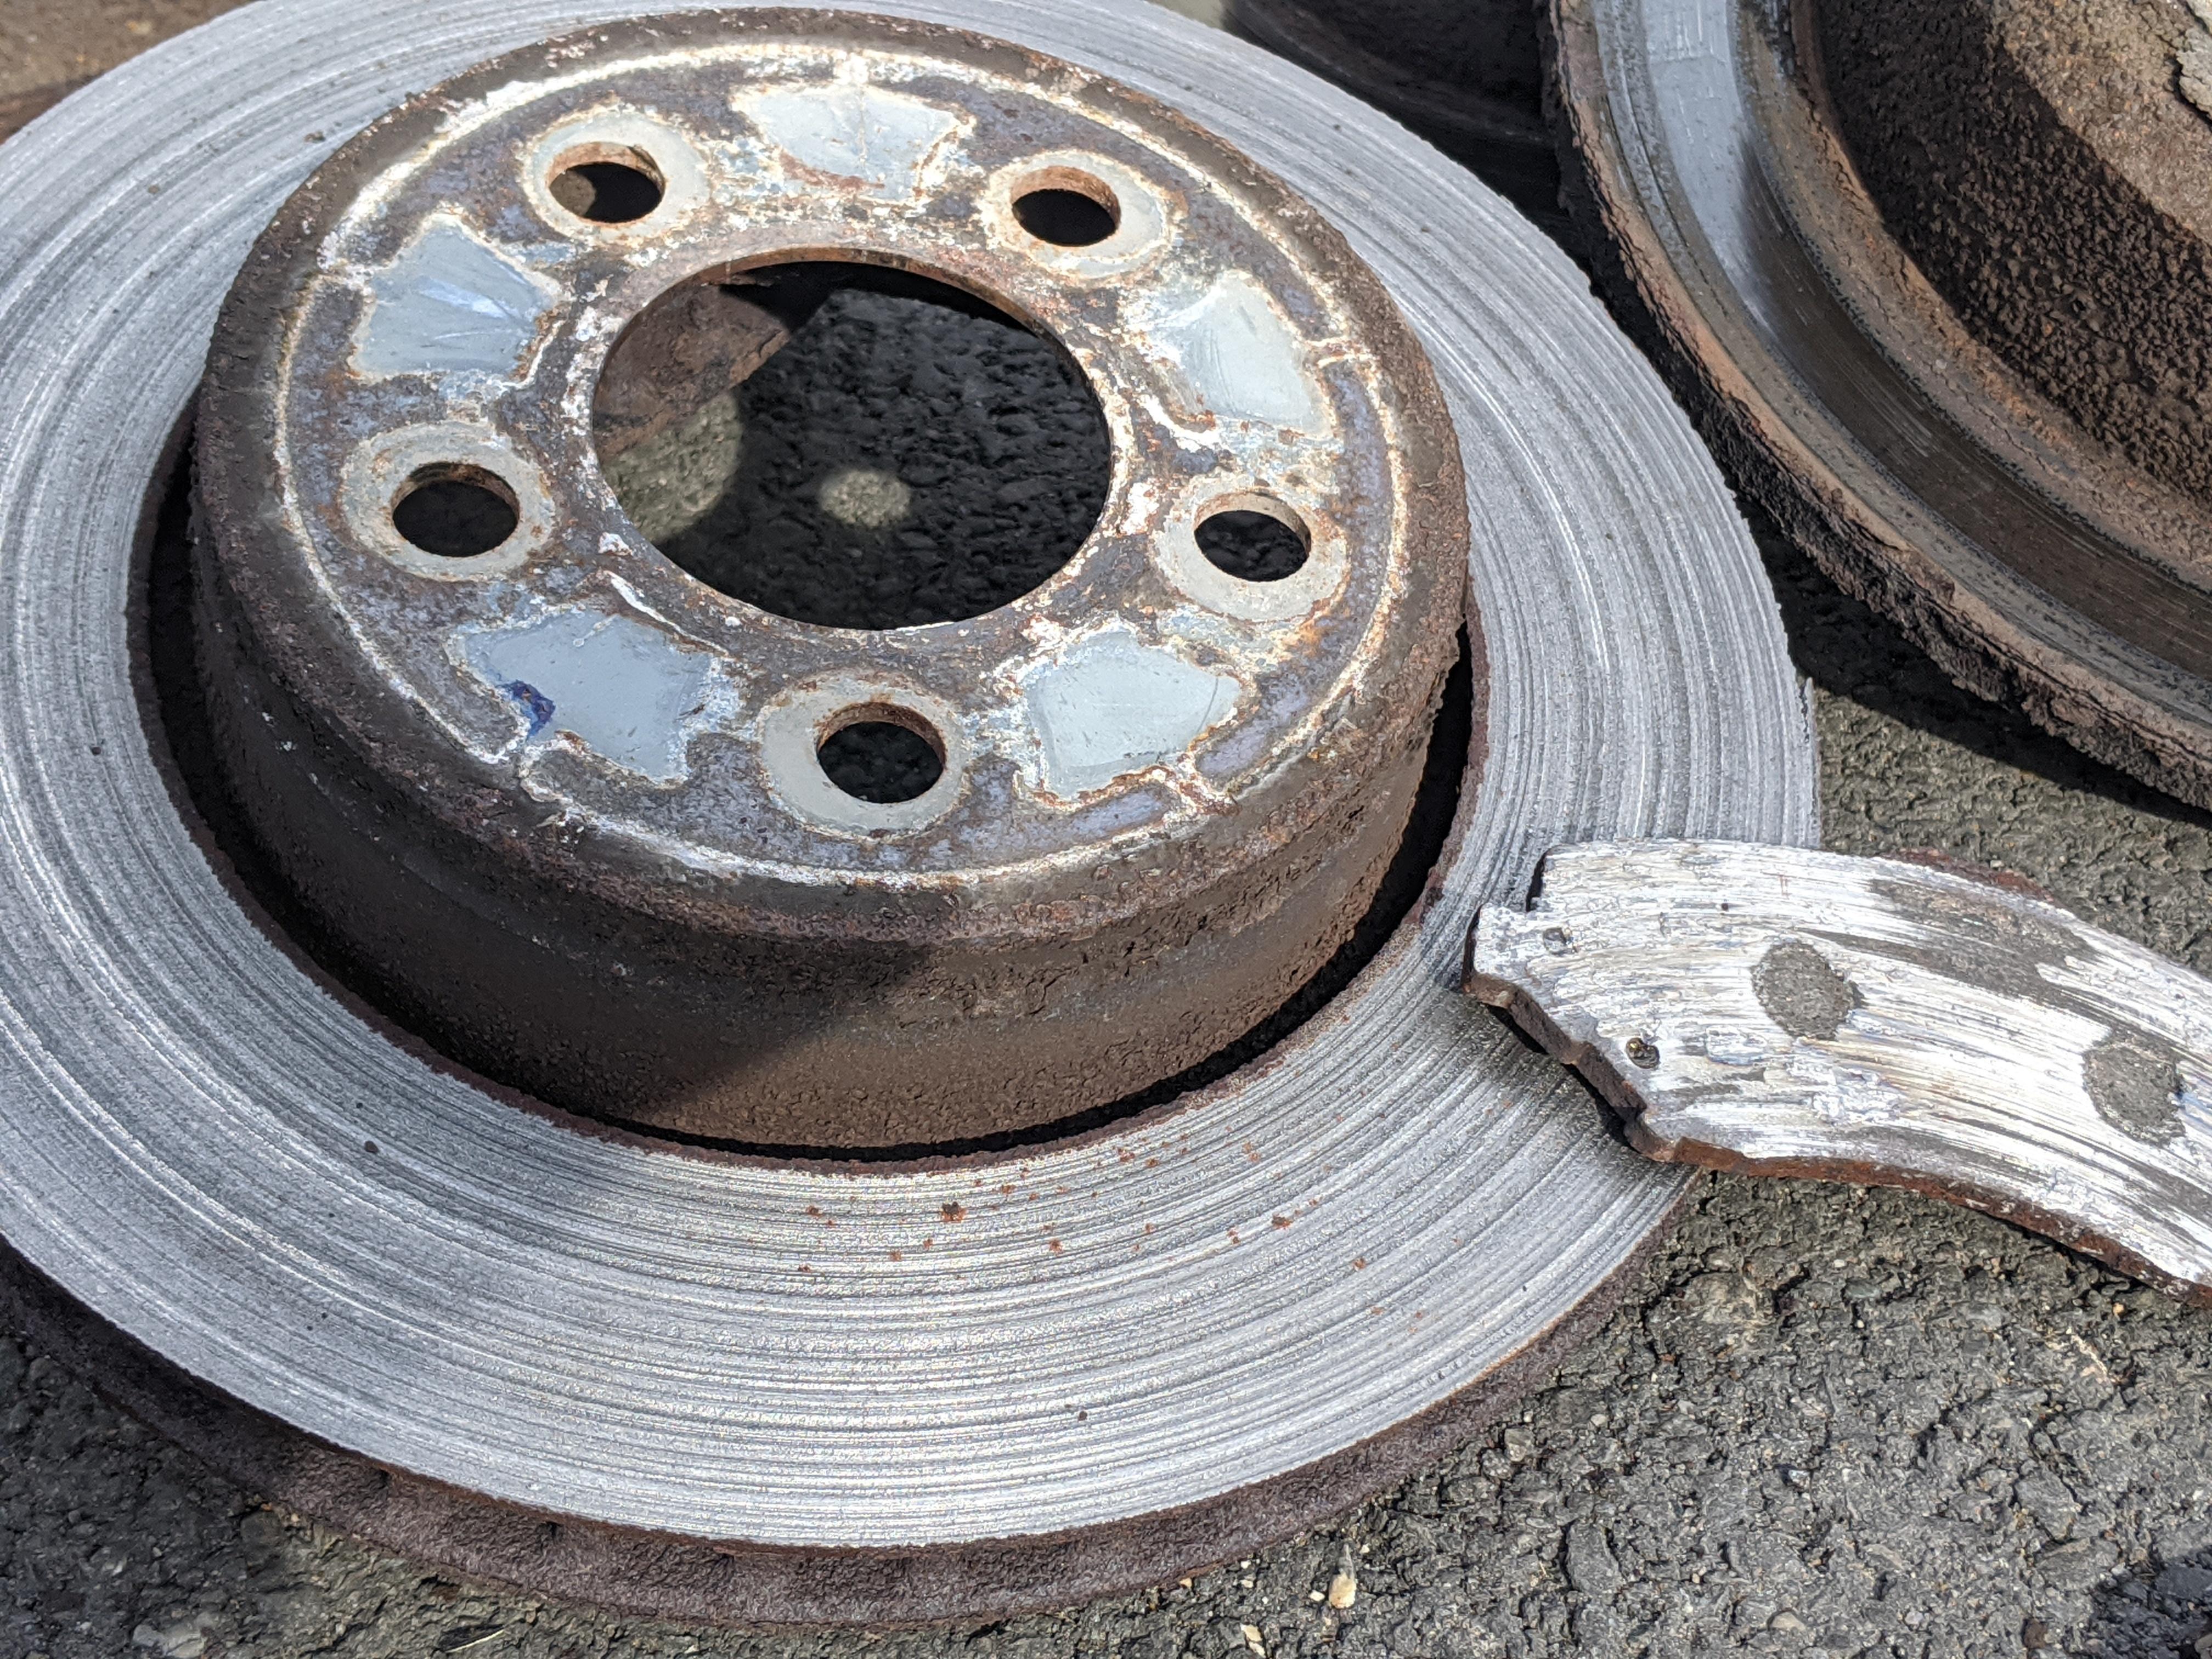 brakes1.jpg#asset:483417